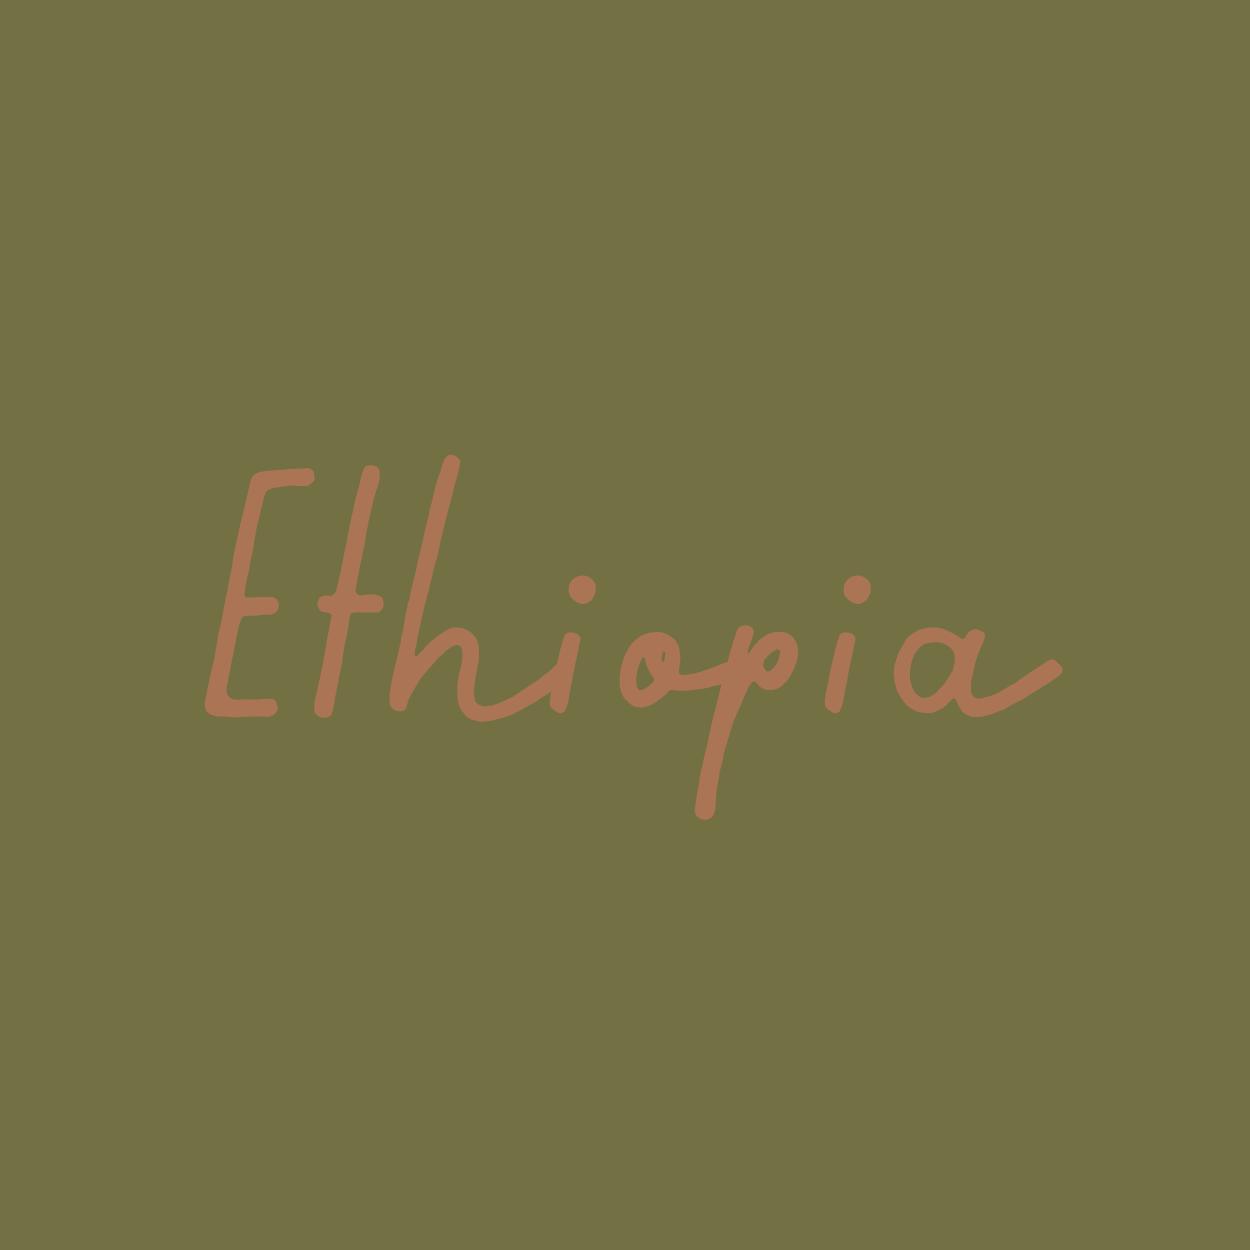 ethiopia-01.png